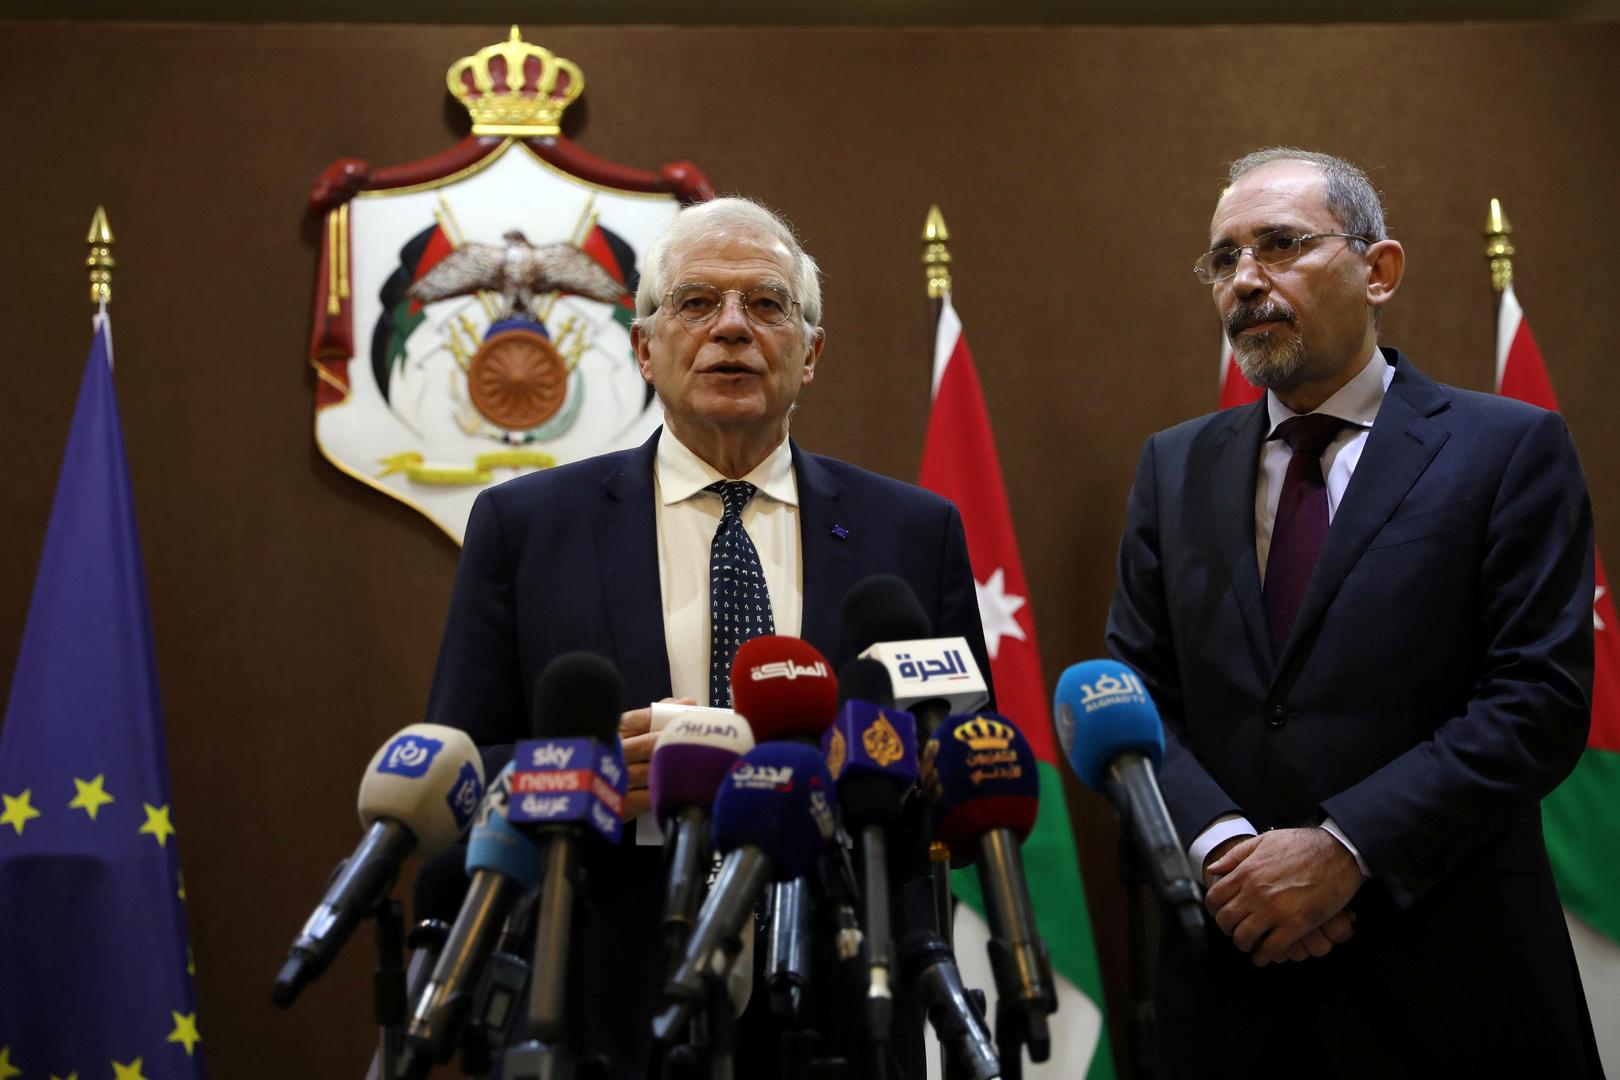 المفوض الأعلى للشؤون الخارجية والأمن لدى الاتحاد الأوروبي جوزيب بوريل، خلال مؤتمر صحفي مشترك مع وزير الخارجية الأردني أيمن الصفدي في العاصمة الأردنية عمان